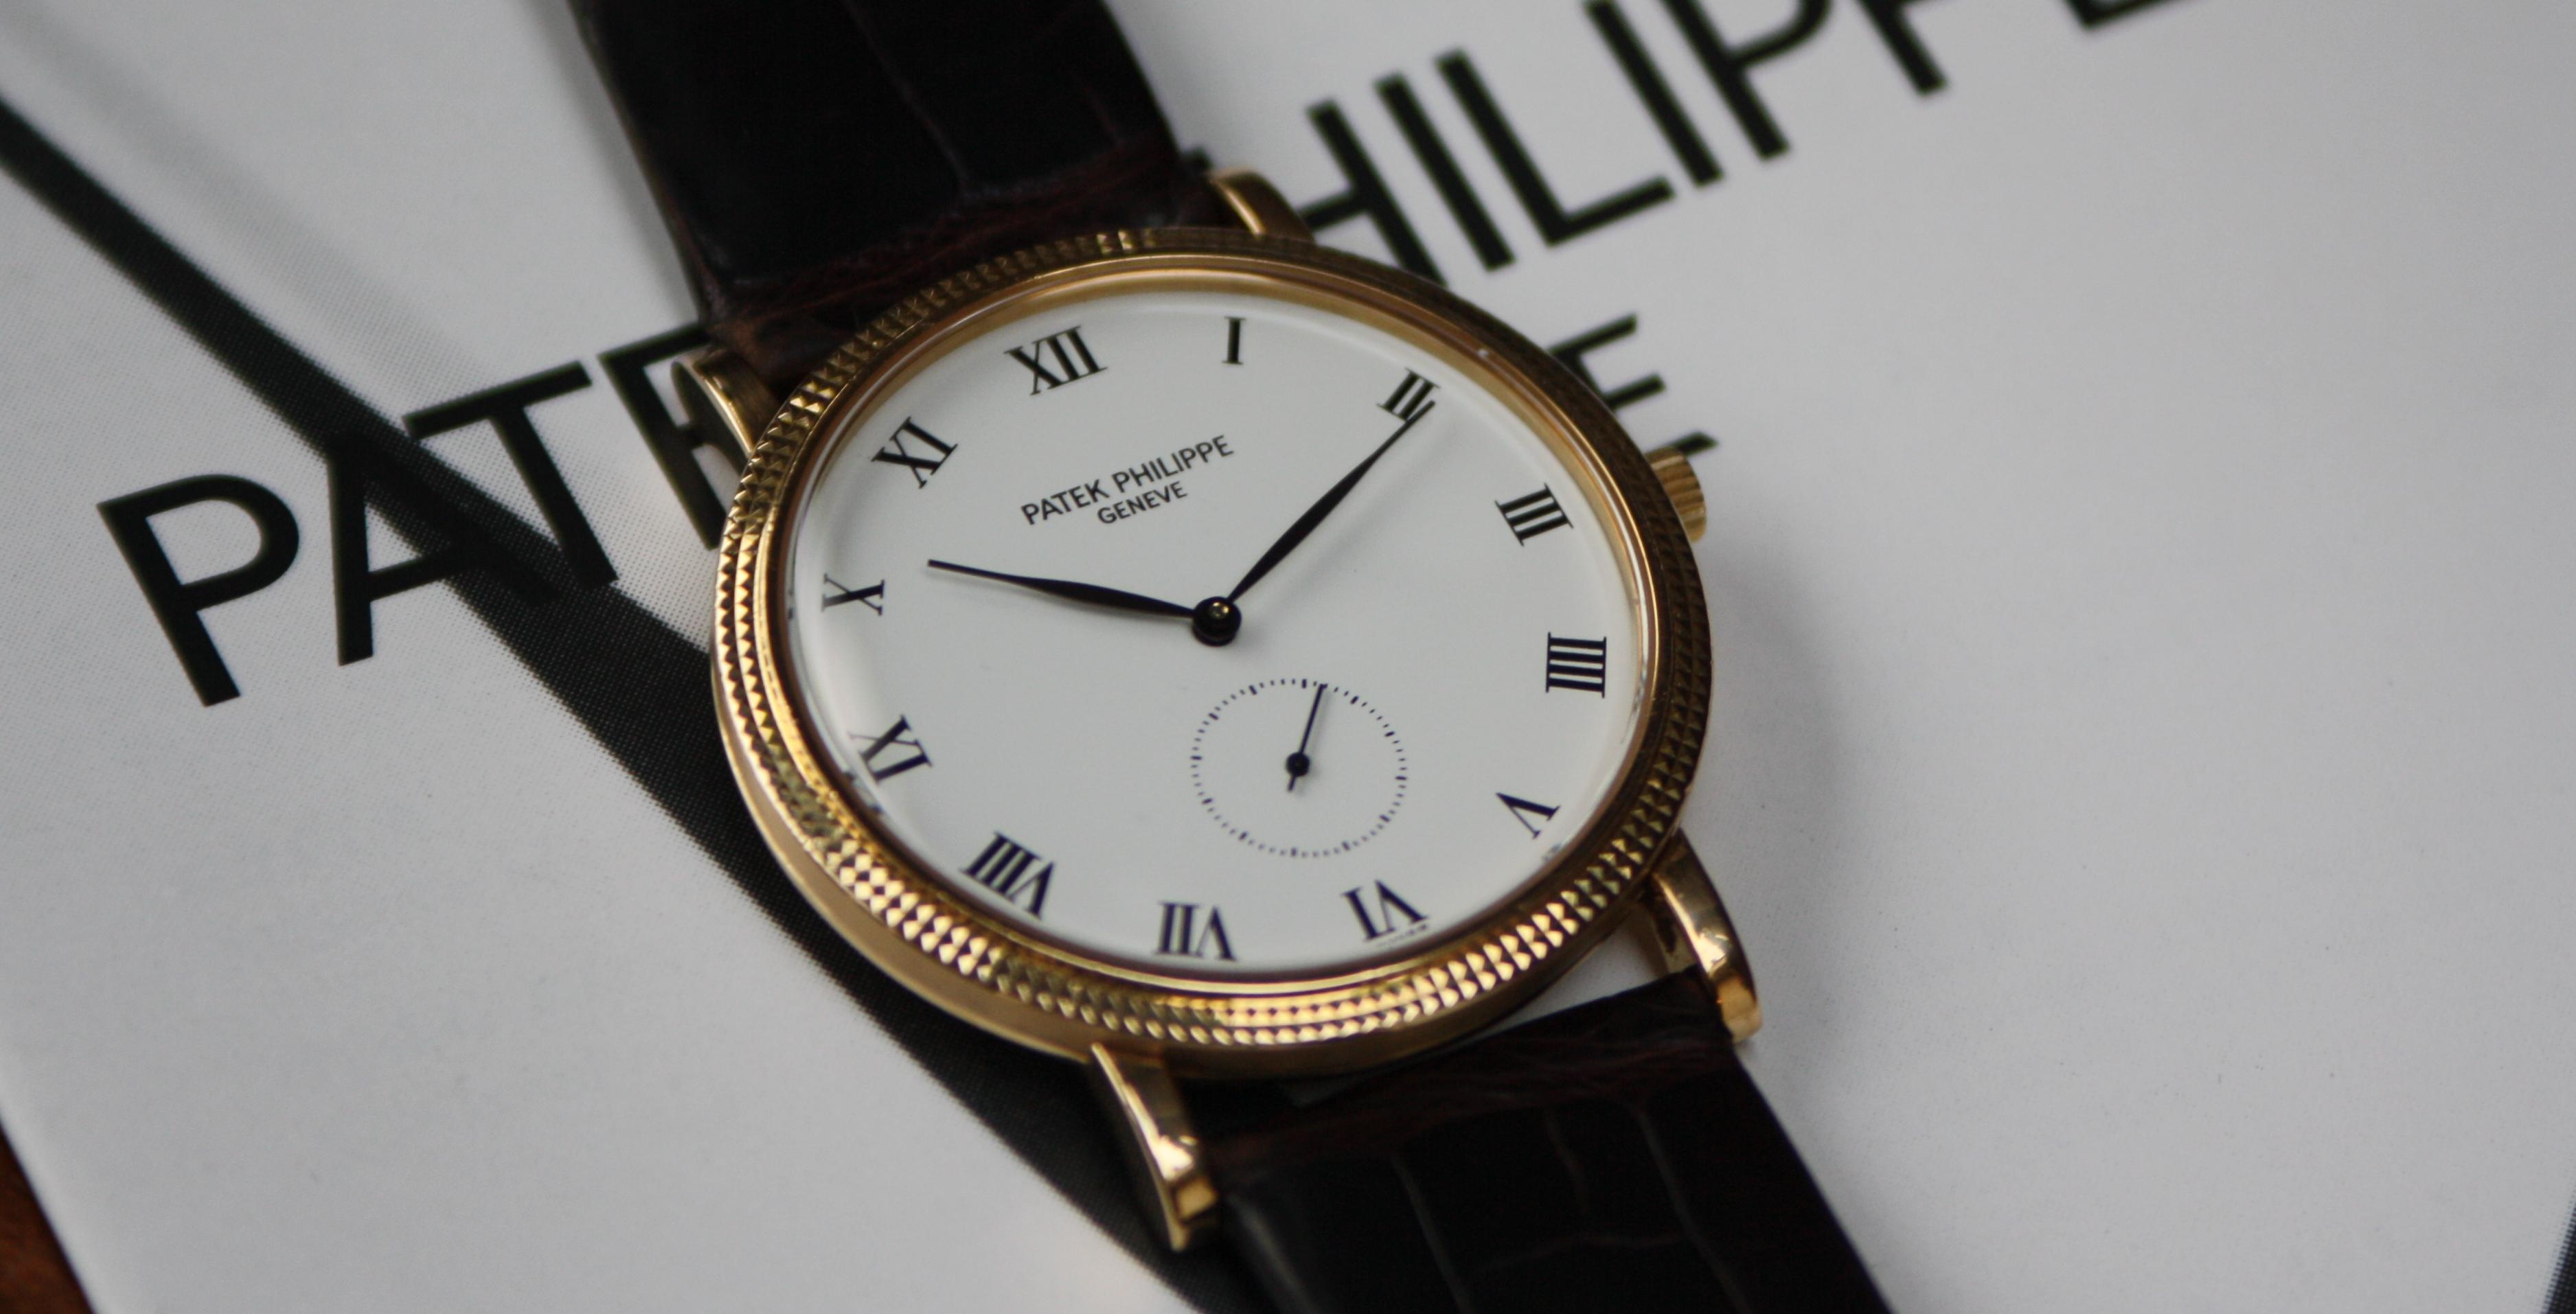 Patek Philippe horloge 3919J